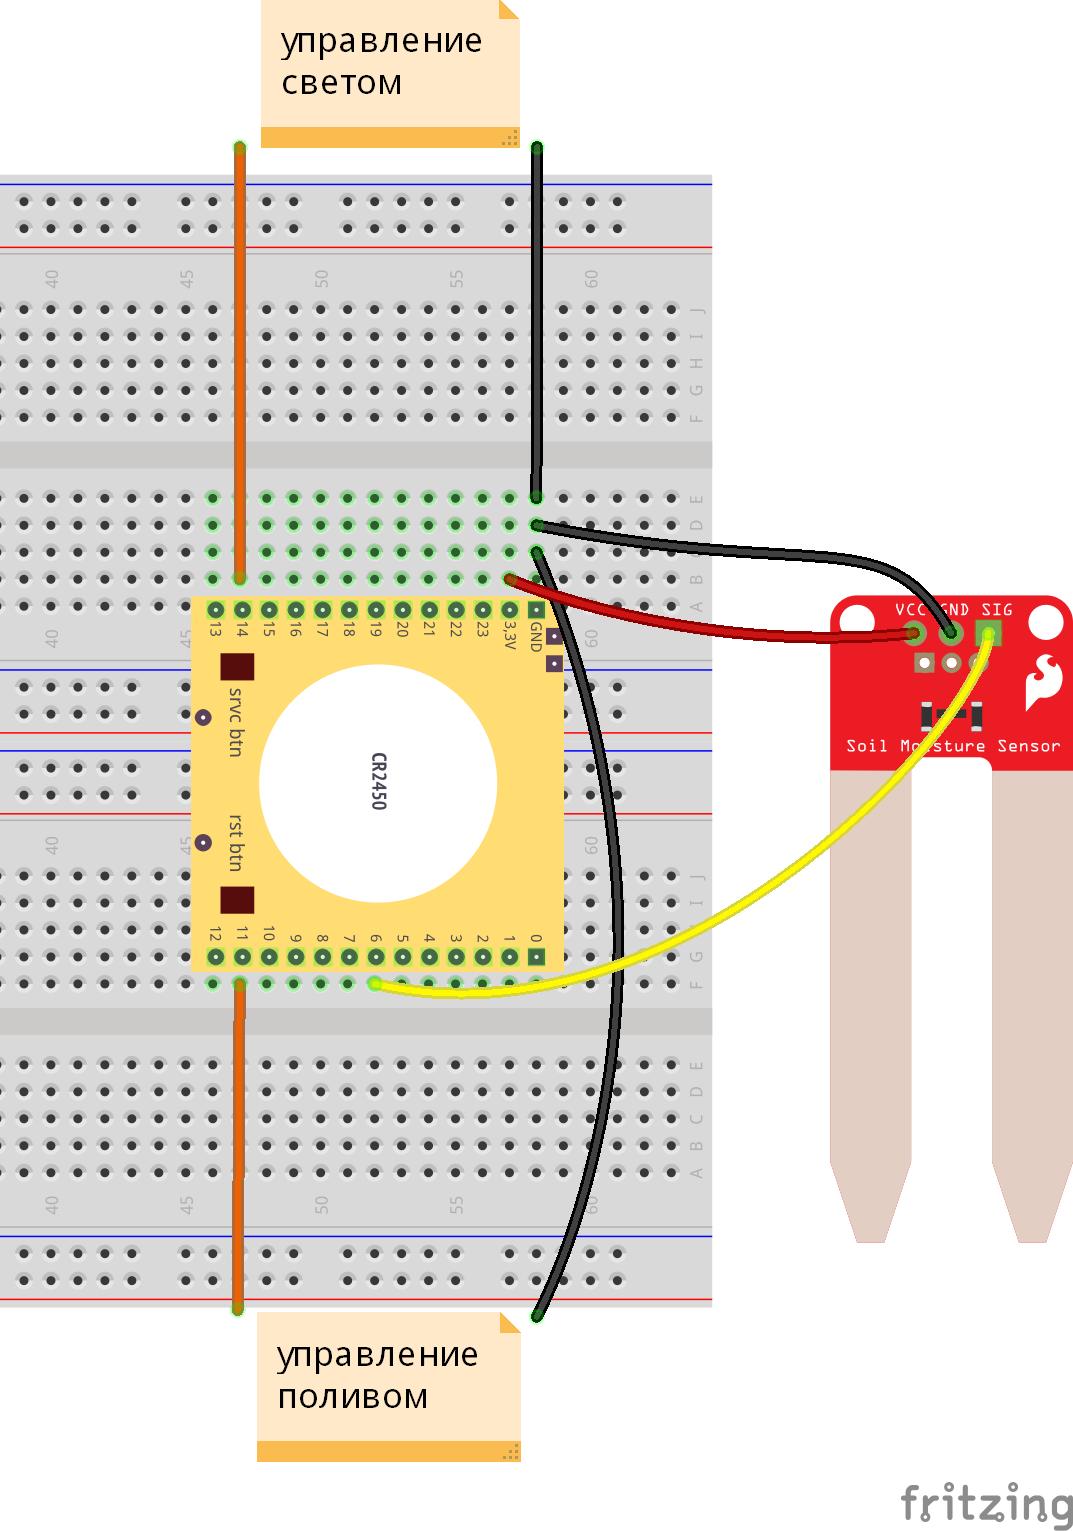 Делаем собственное Z-Wave устройство на базе Z-Uno - 2